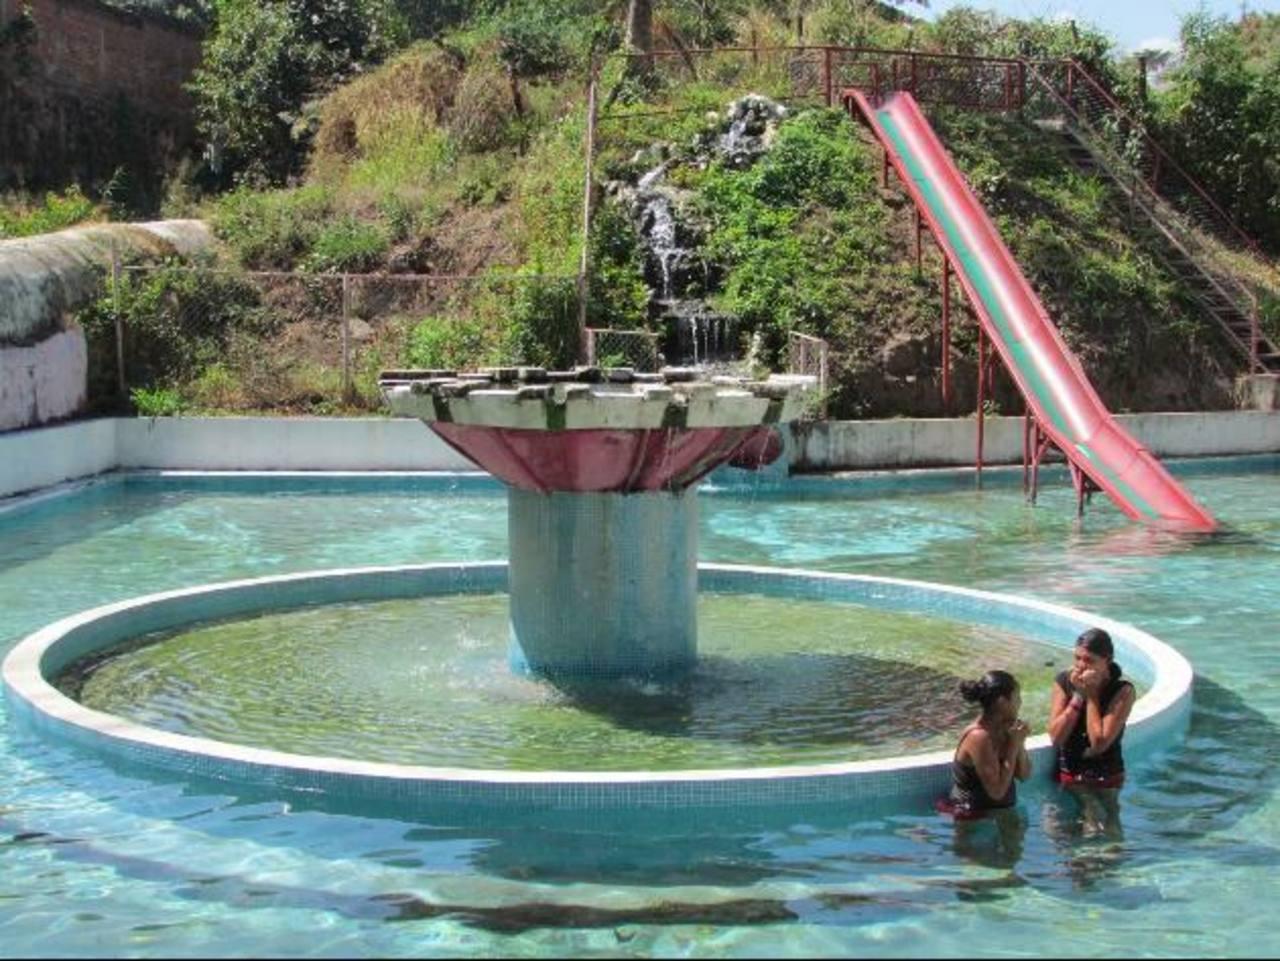 El rescate del parque acuático de Apanchacal brinda a los santanecos un nuevo espacio recreativo para disfrutar con toda la familia. Foto EDH / mauricio guevara